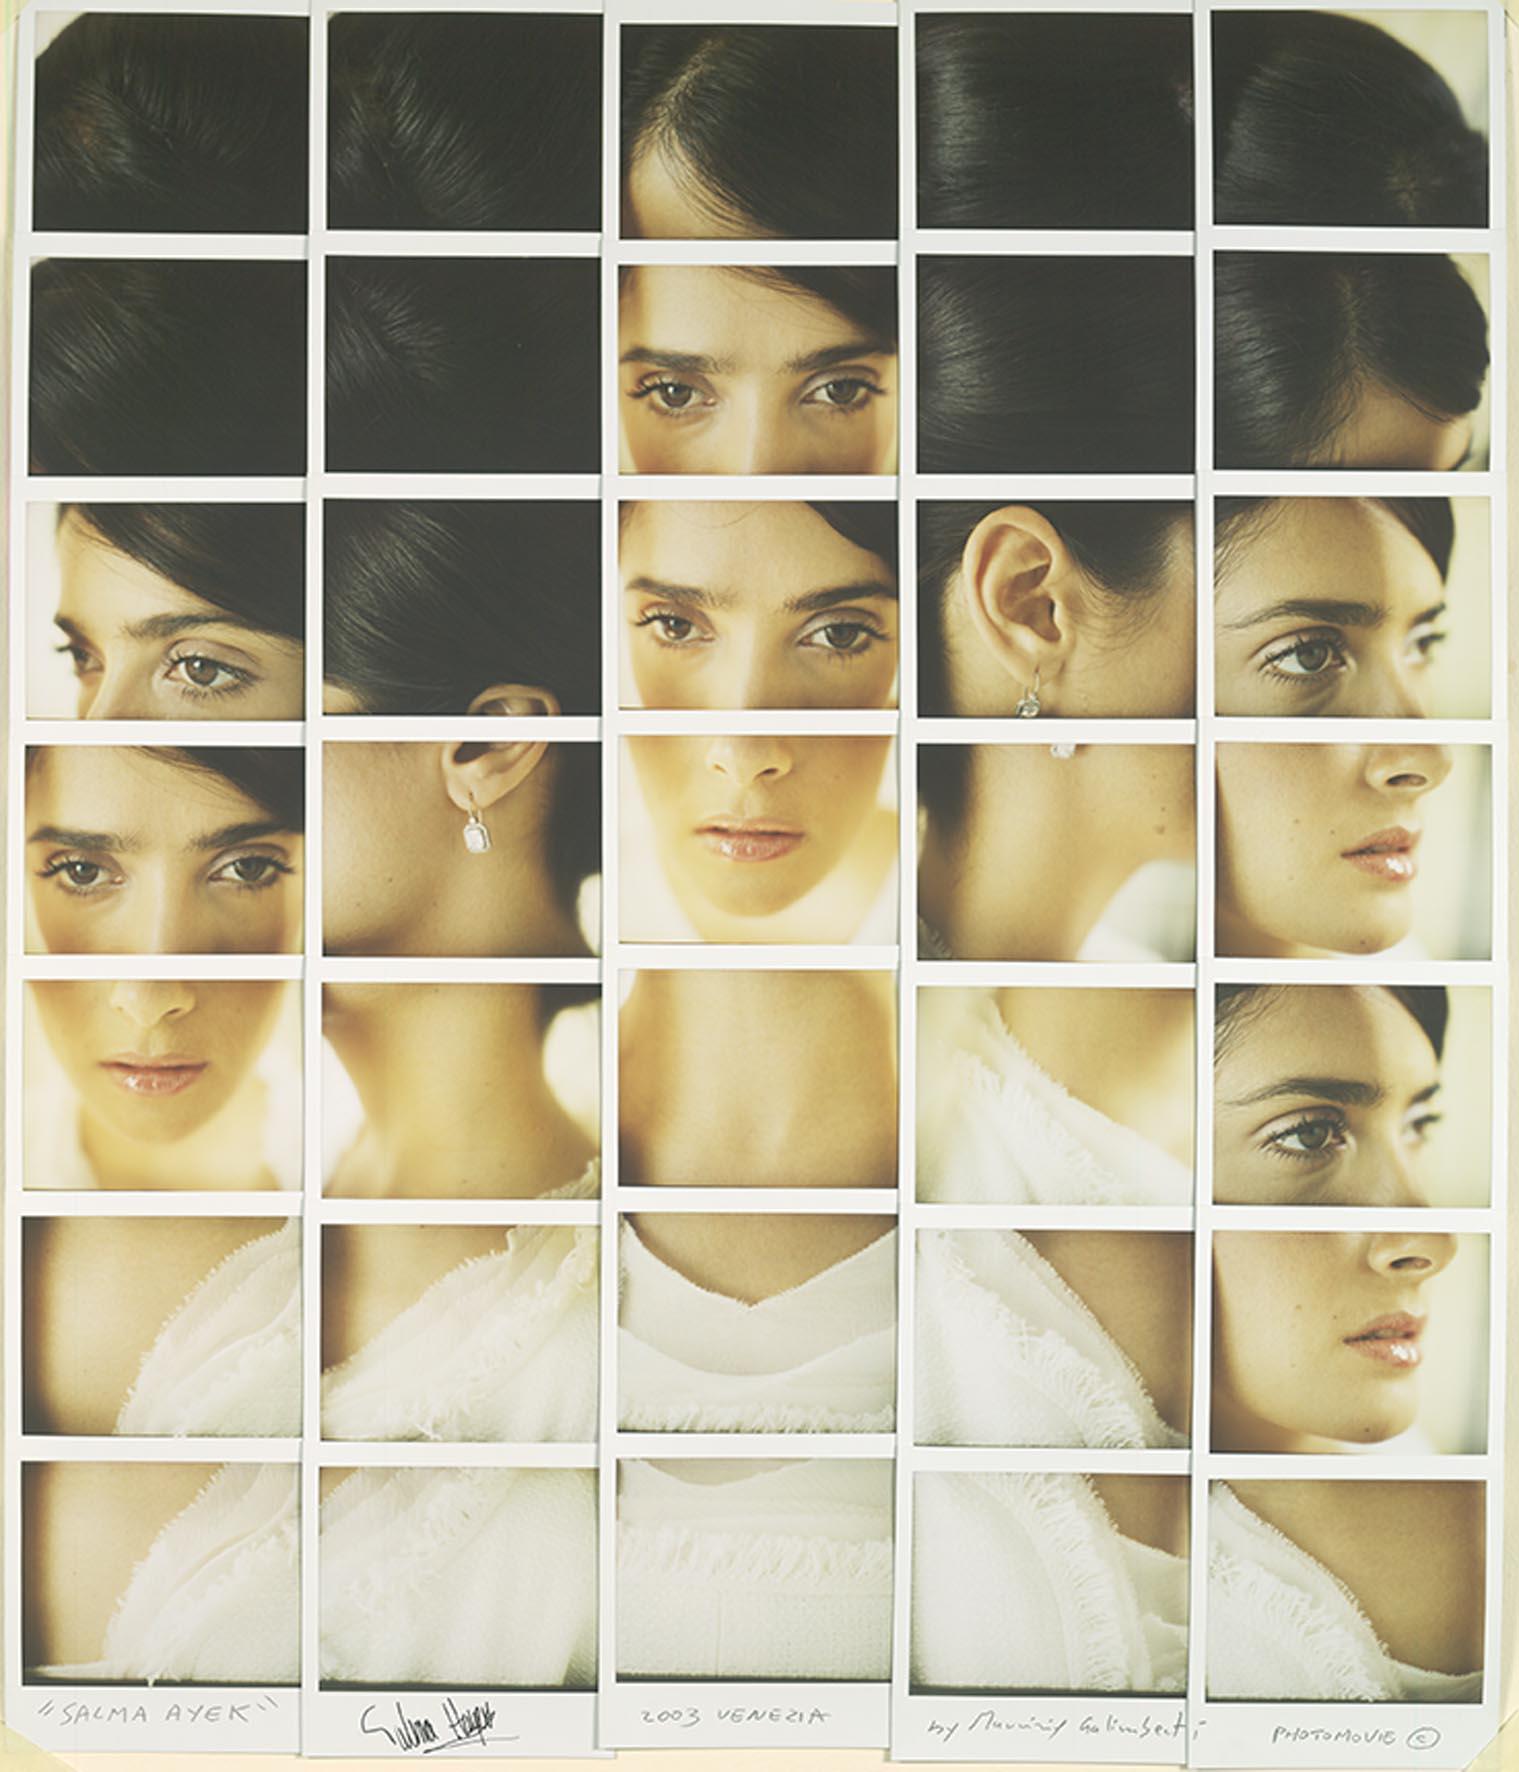 Maurizio Galimberti, HAYAK SALMA mosaico polaroid